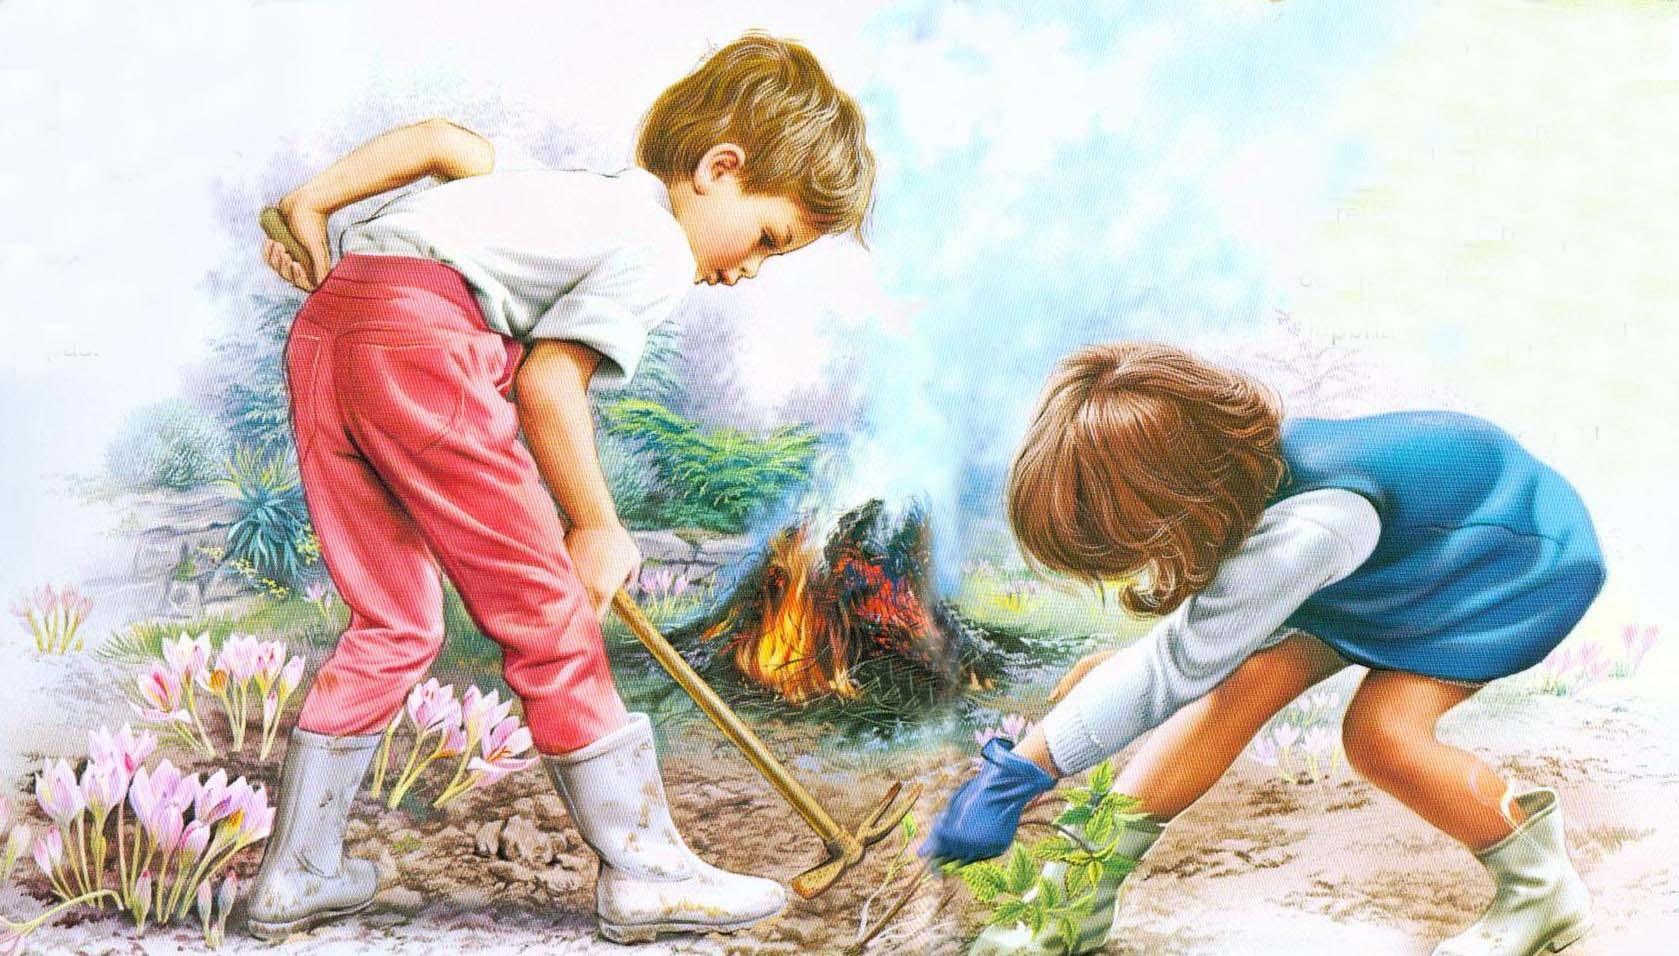 Картинка про добрые дела